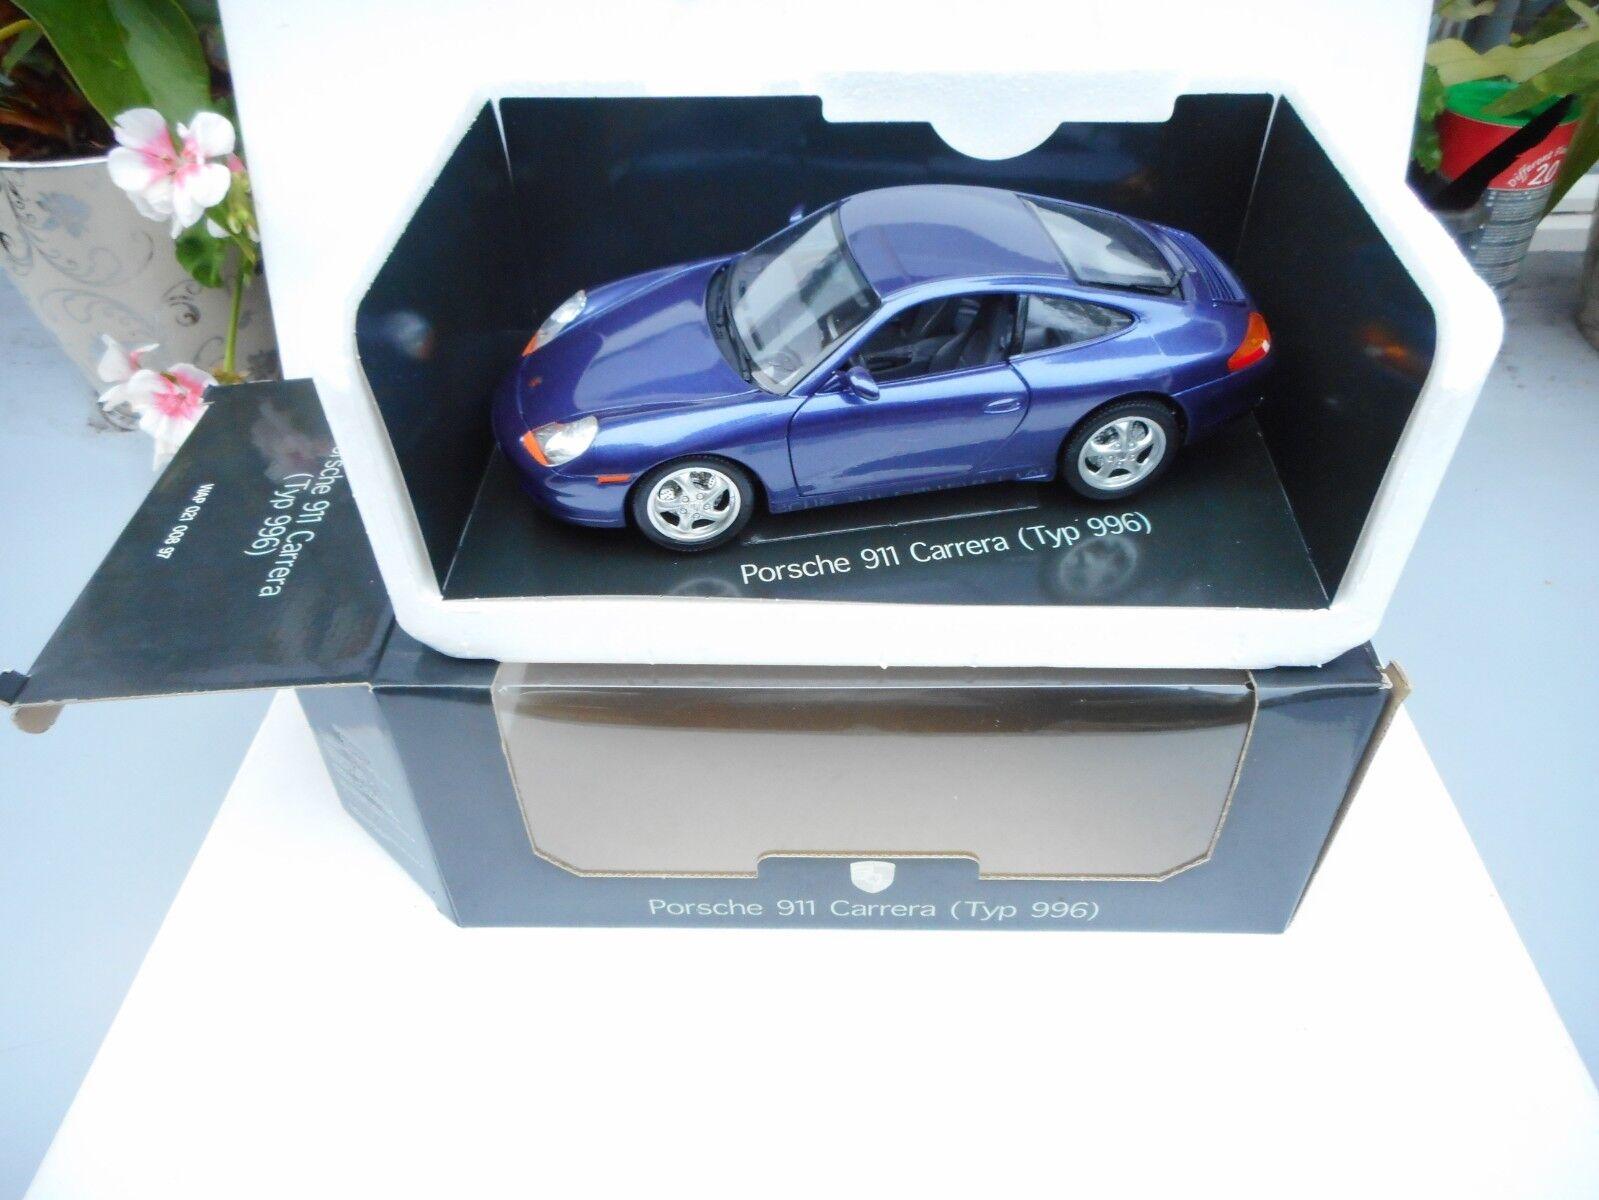 Burago Modellauto 1 18 Porsche 911 Carrera (996) CODE  WAP 021 008 97 MINT BOX